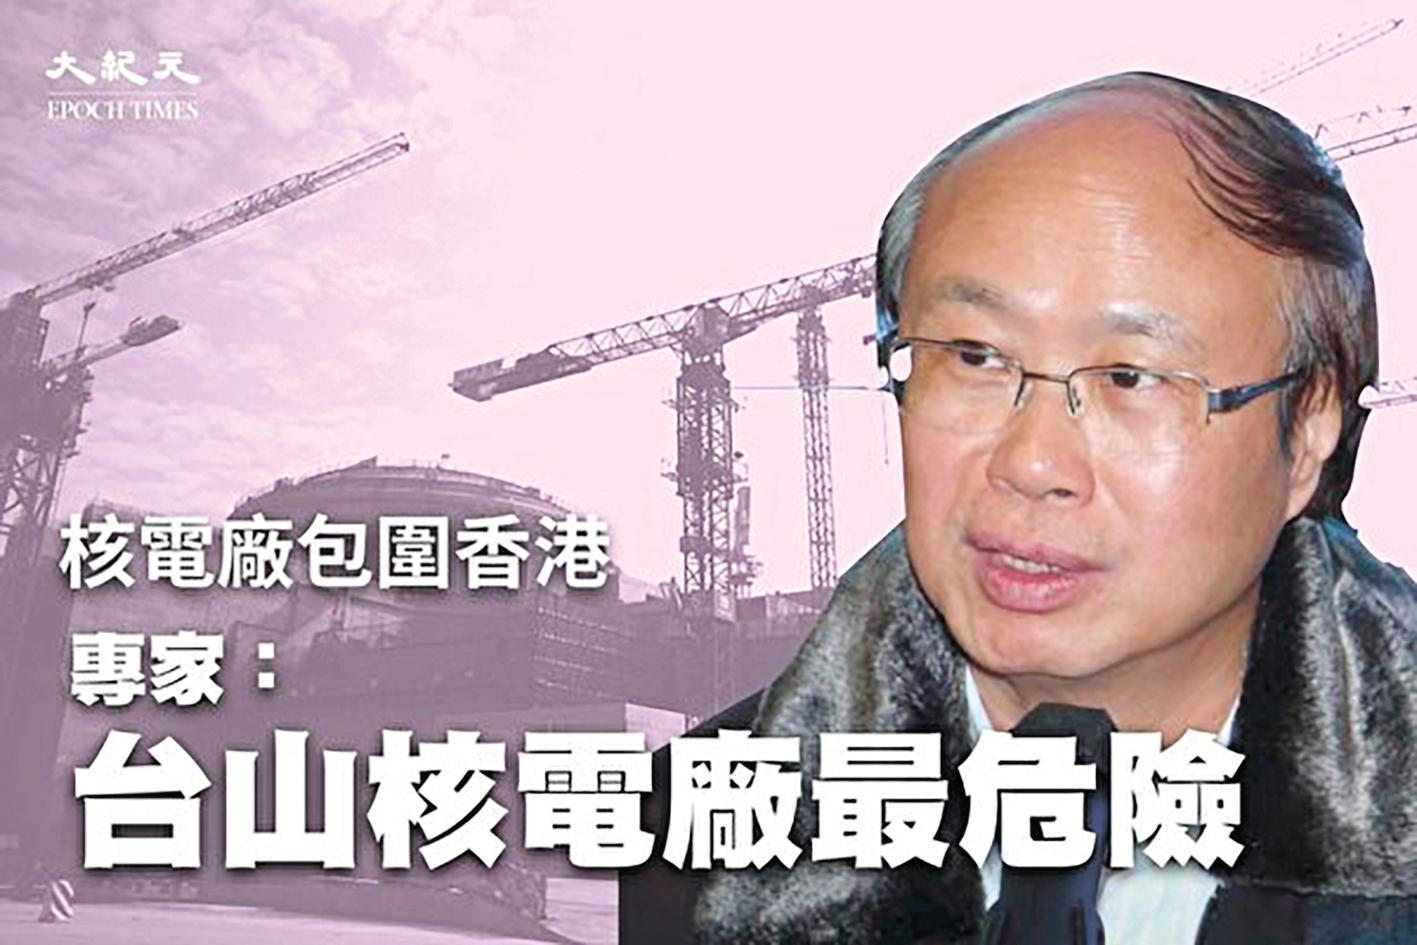 香港公共專業聯盟政策召集人黎廣德,6月15日接受大紀元《珍言真語》採訪時,分析台山核電廠為何最危險。(大紀元製圖)